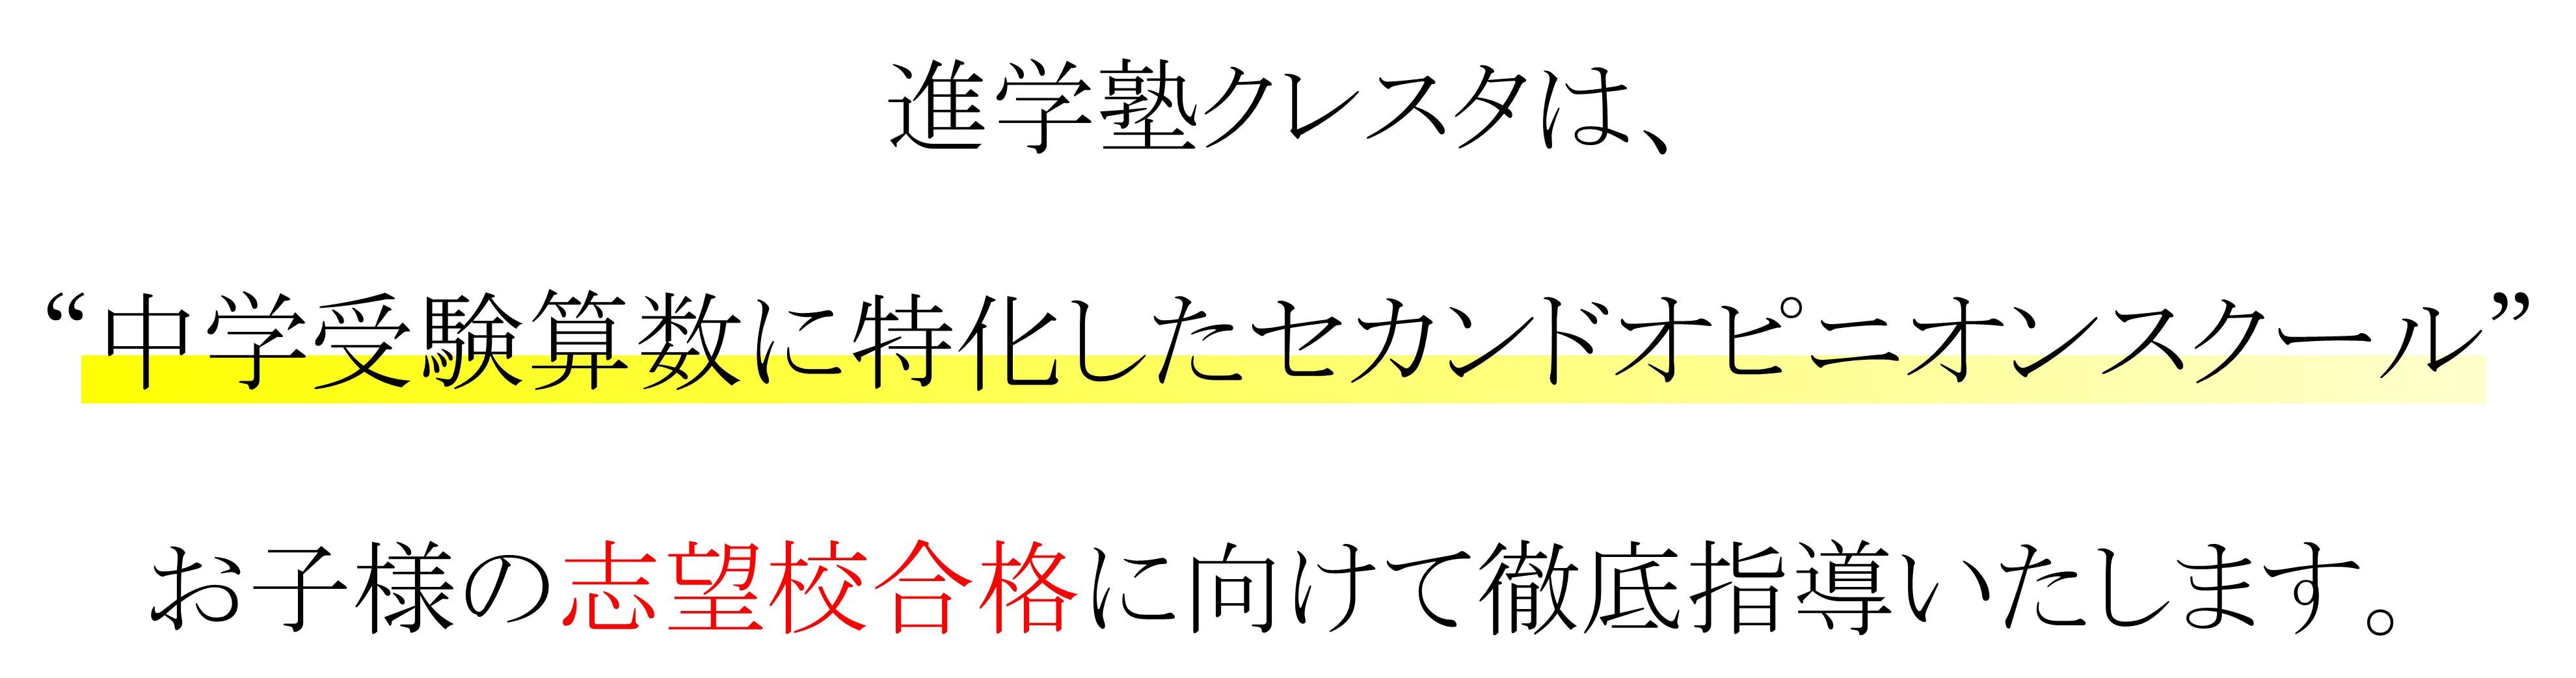 大阪上本町にある中学受験専門の進学塾クレスタは、中学受験算数に特化したセカンドオピニオンスクール。算数の苦手な方、算数を得意にしたい方、お子様の志望校合格に向けて徹底指導いたします。大阪奈良京都兵庫などの関西エリアで算数塾をお探しなら、最難関中・難関中・有名中、また低学年から高学年まで中学受験・入試対策を行える進学塾クレスタをお選びください。